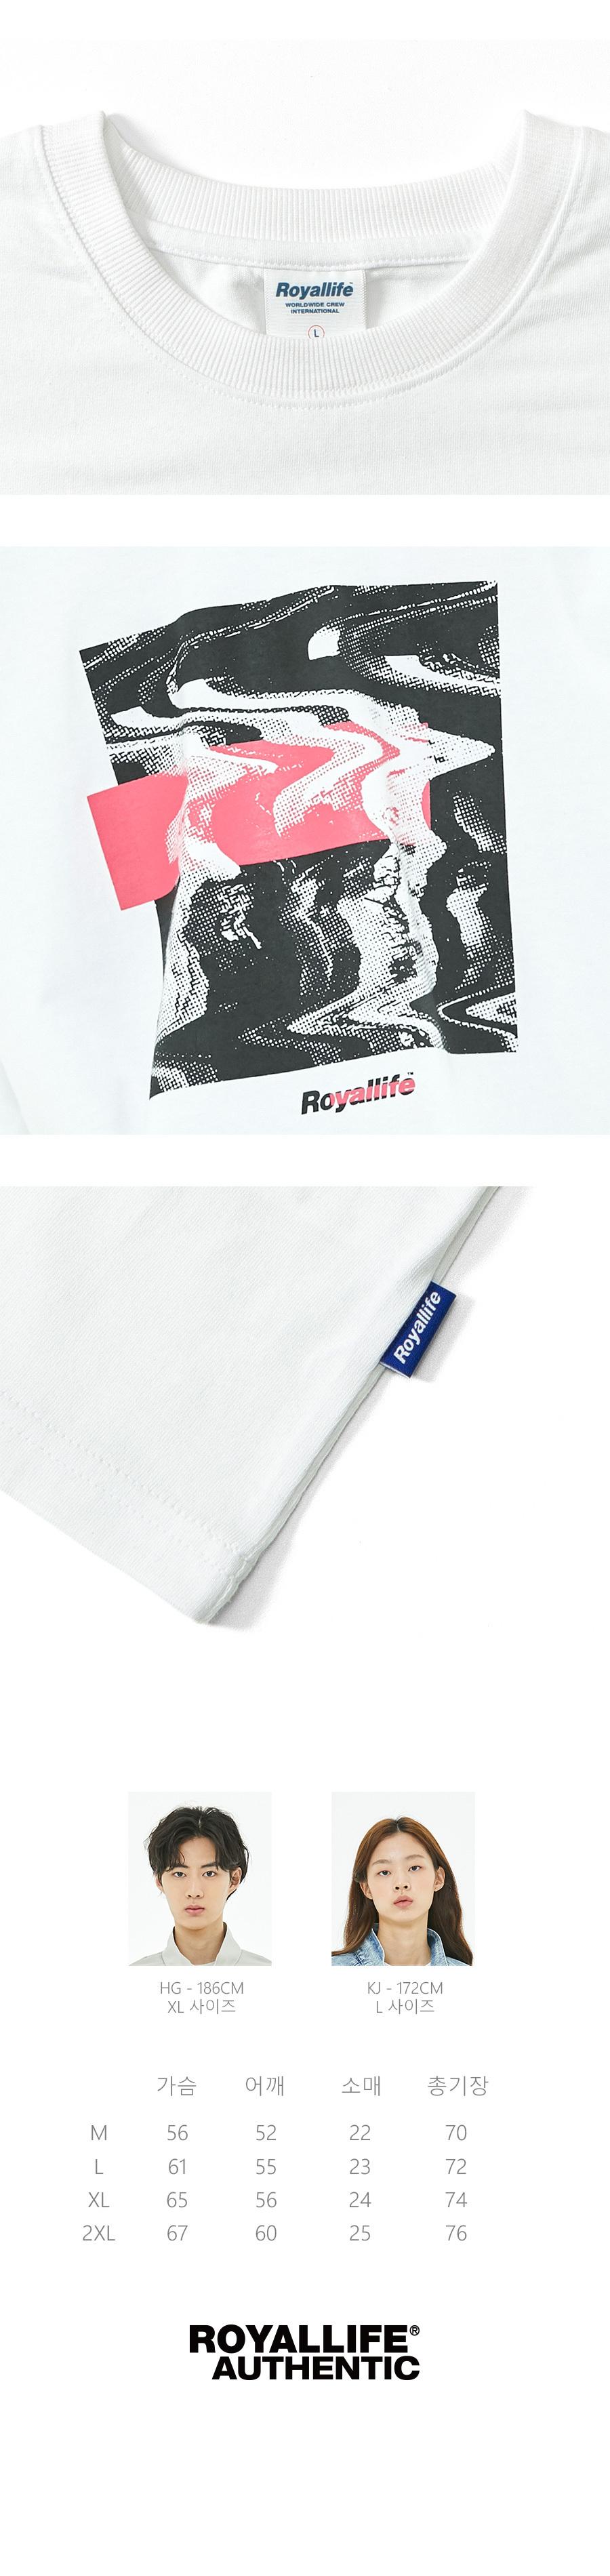 로얄라이프(ROYALLIFE) RL812 글리치 로고 반팔티 - 화이트